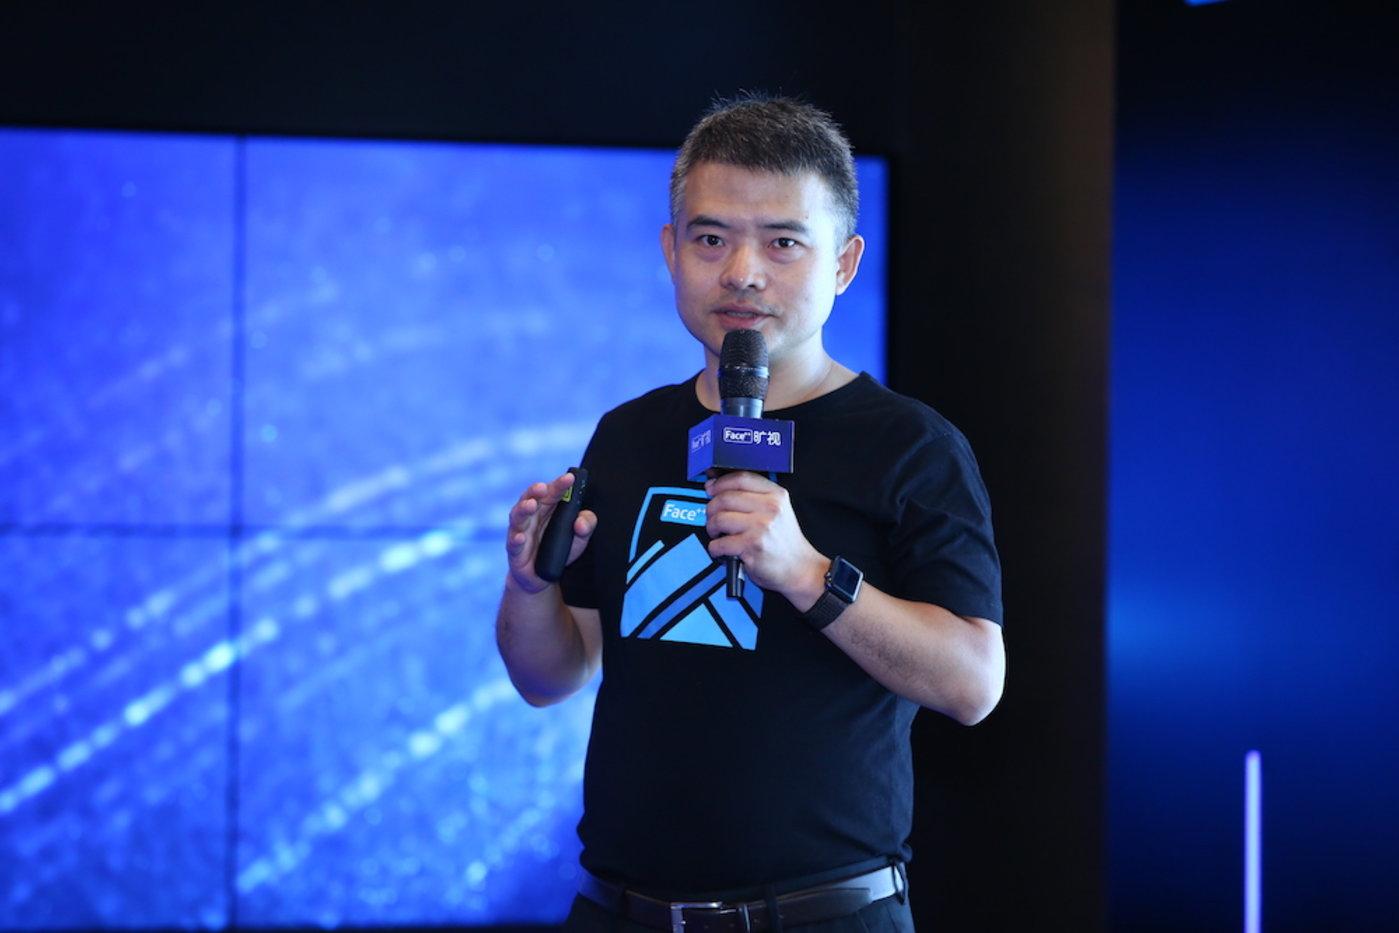 旷视科技云事业部高级副总裁吴文昊